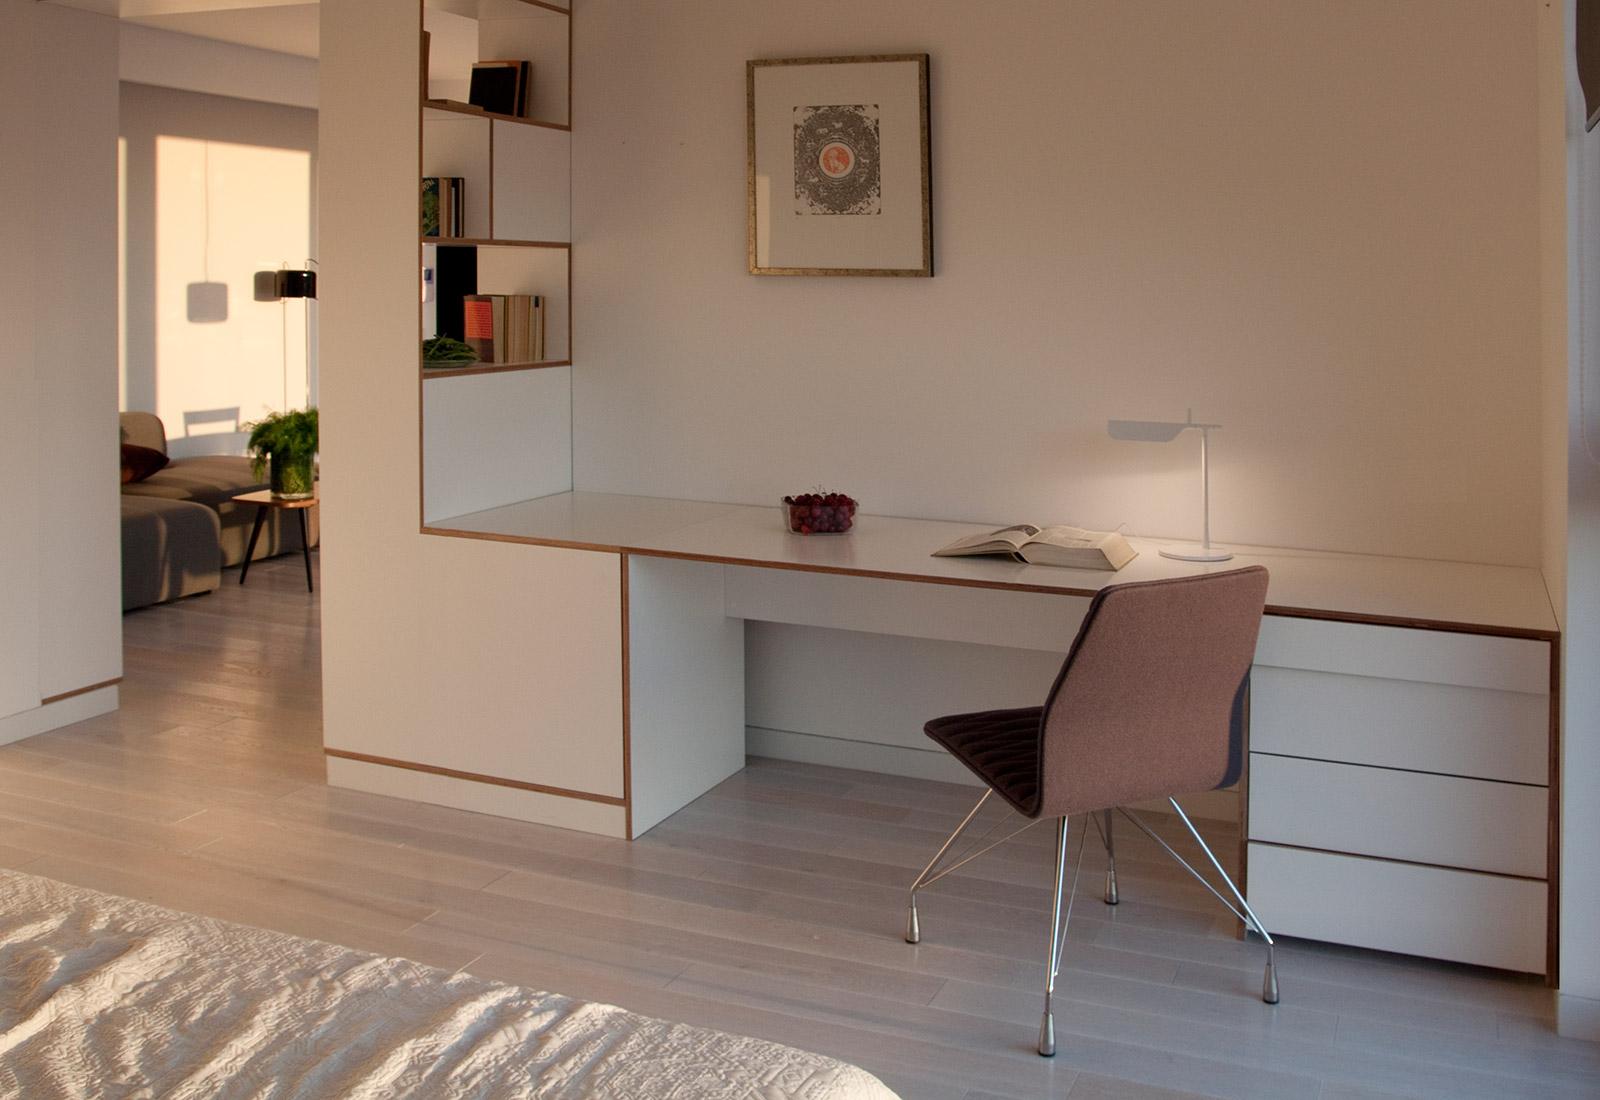 wiktorowe-mieszkanie-044